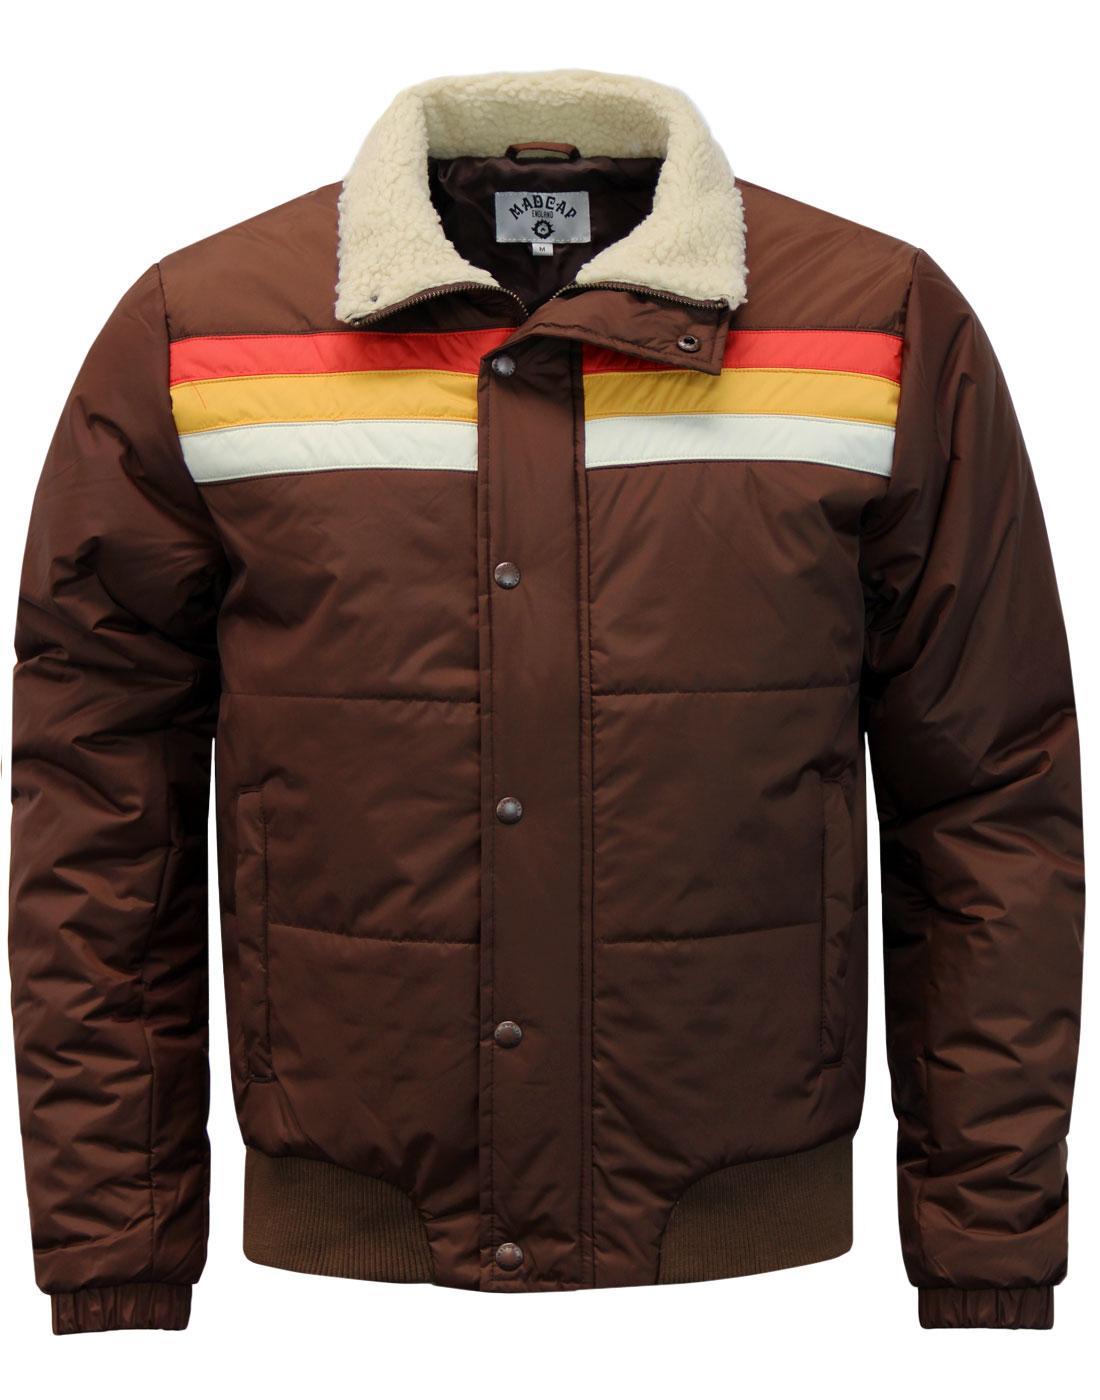 Edge MADCAP ENGLAND Retro 1970s Stripe Ski Jacket